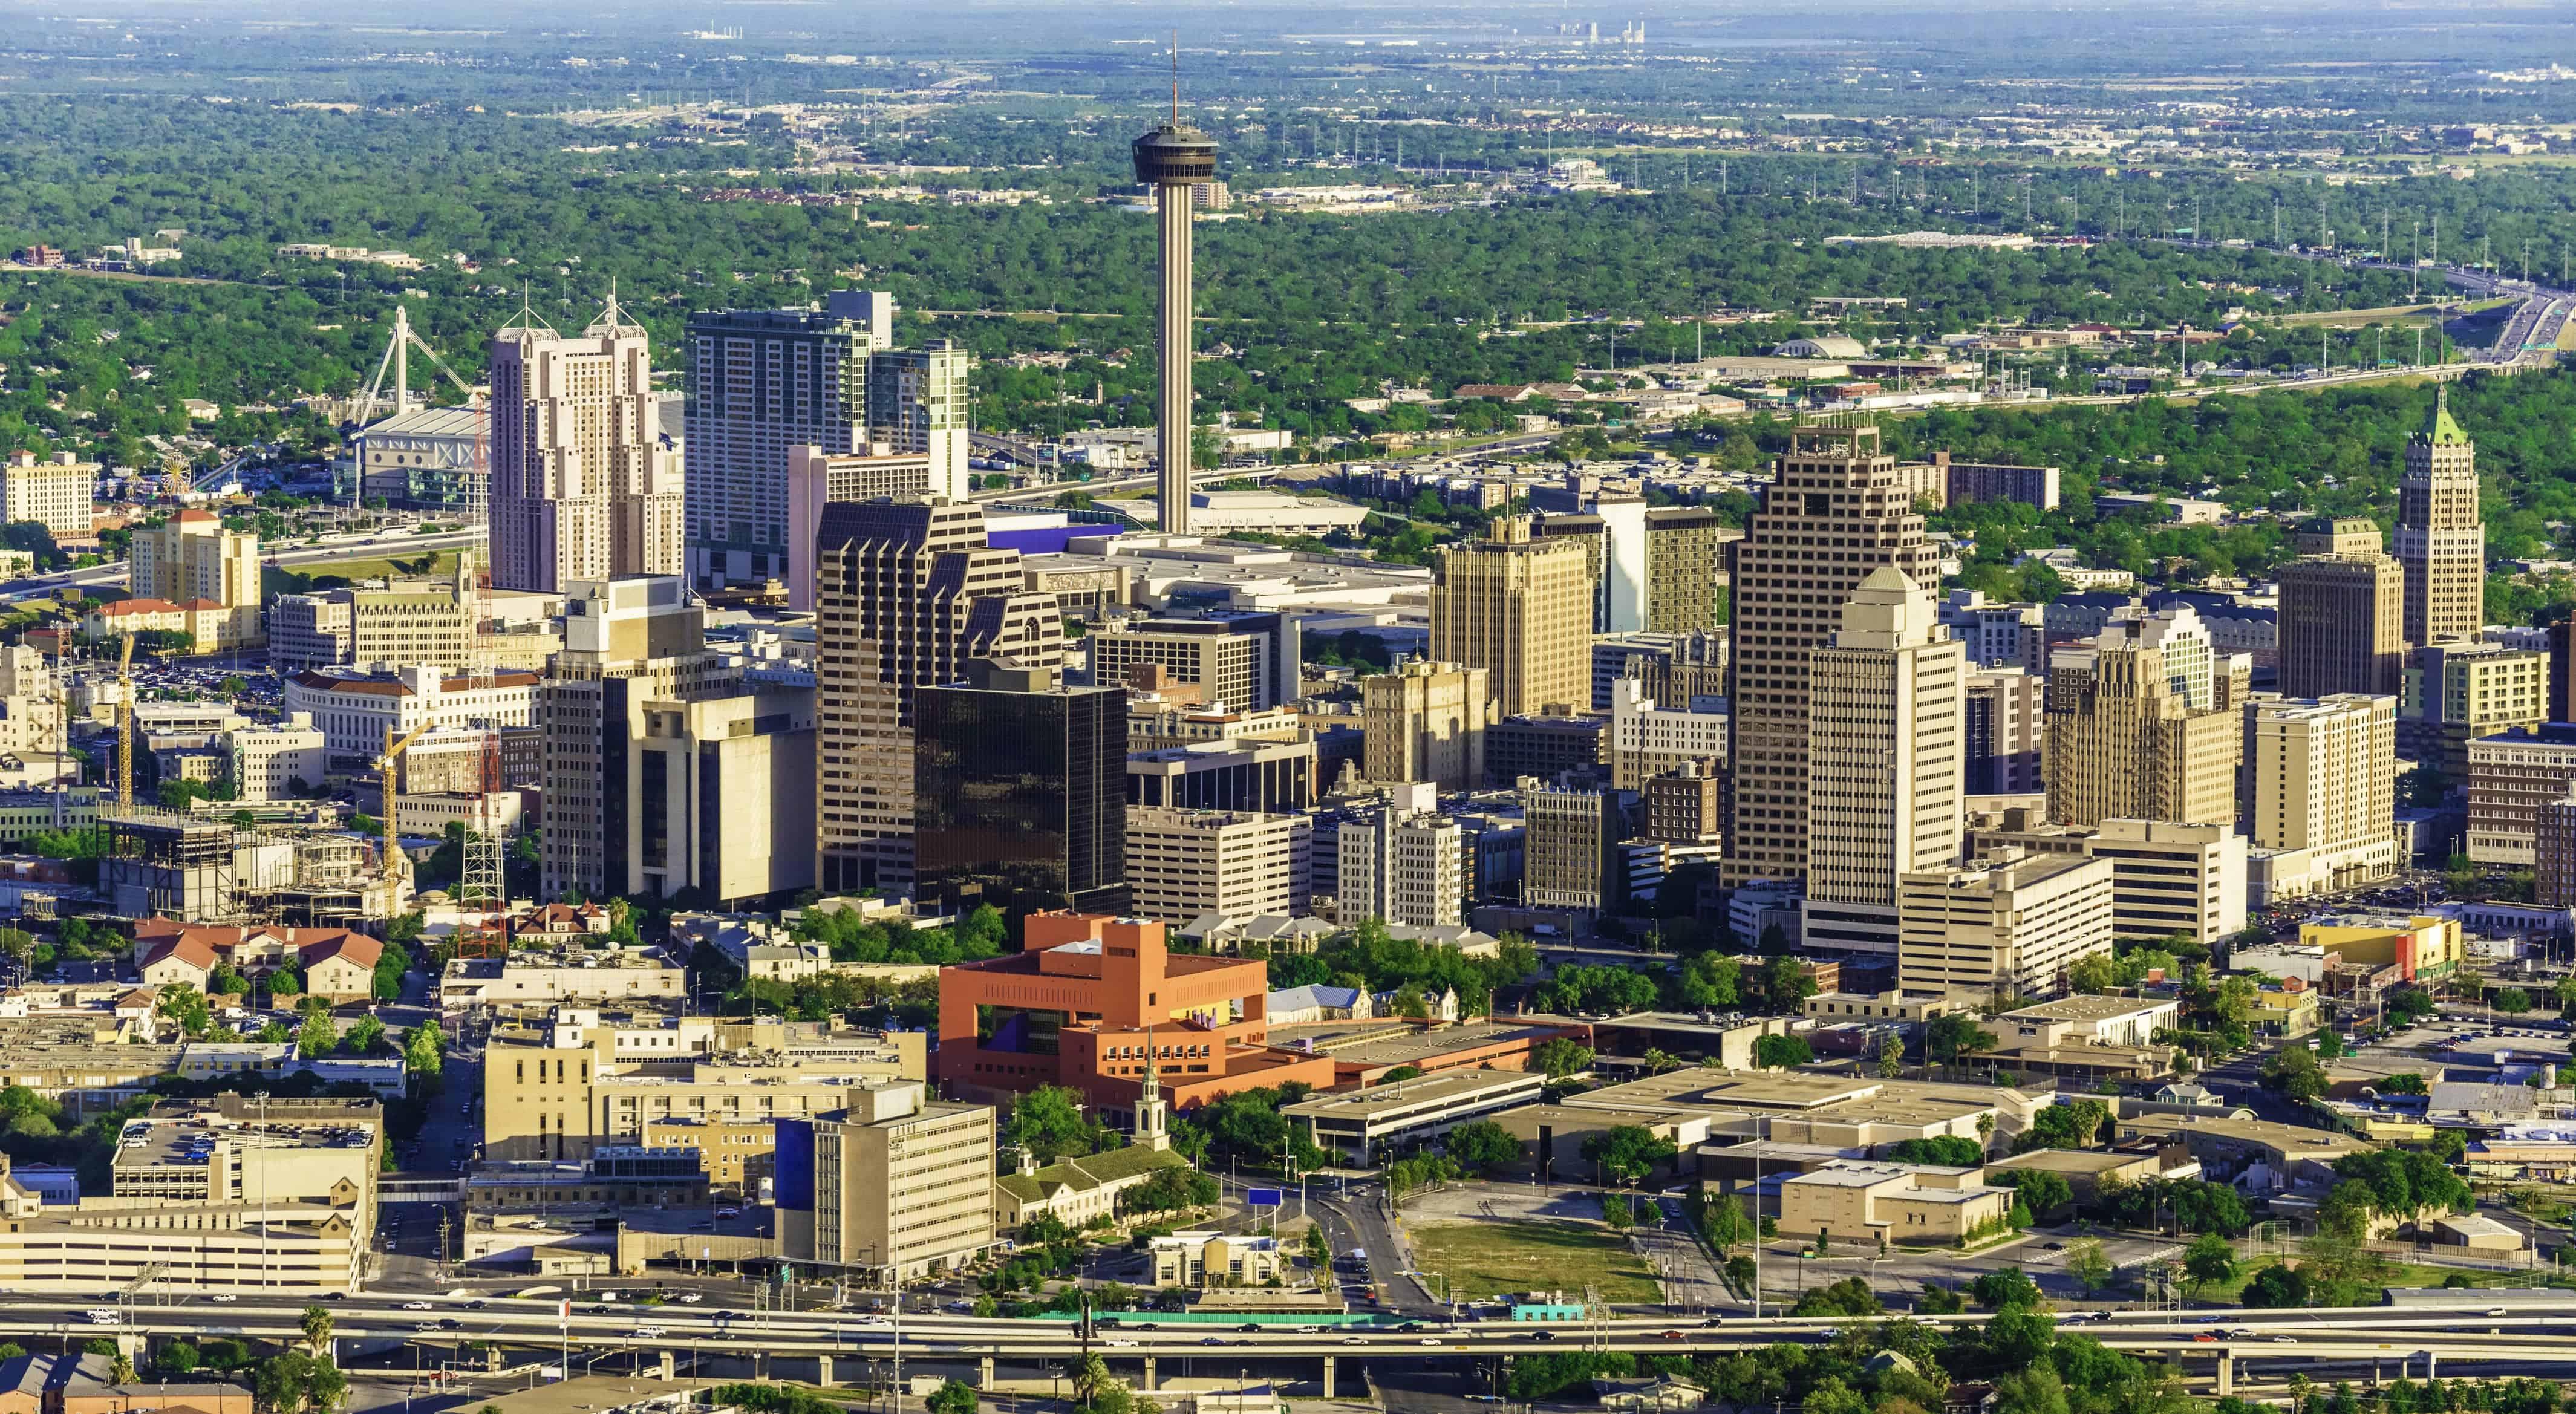 Image of San Antonio Skyline with text